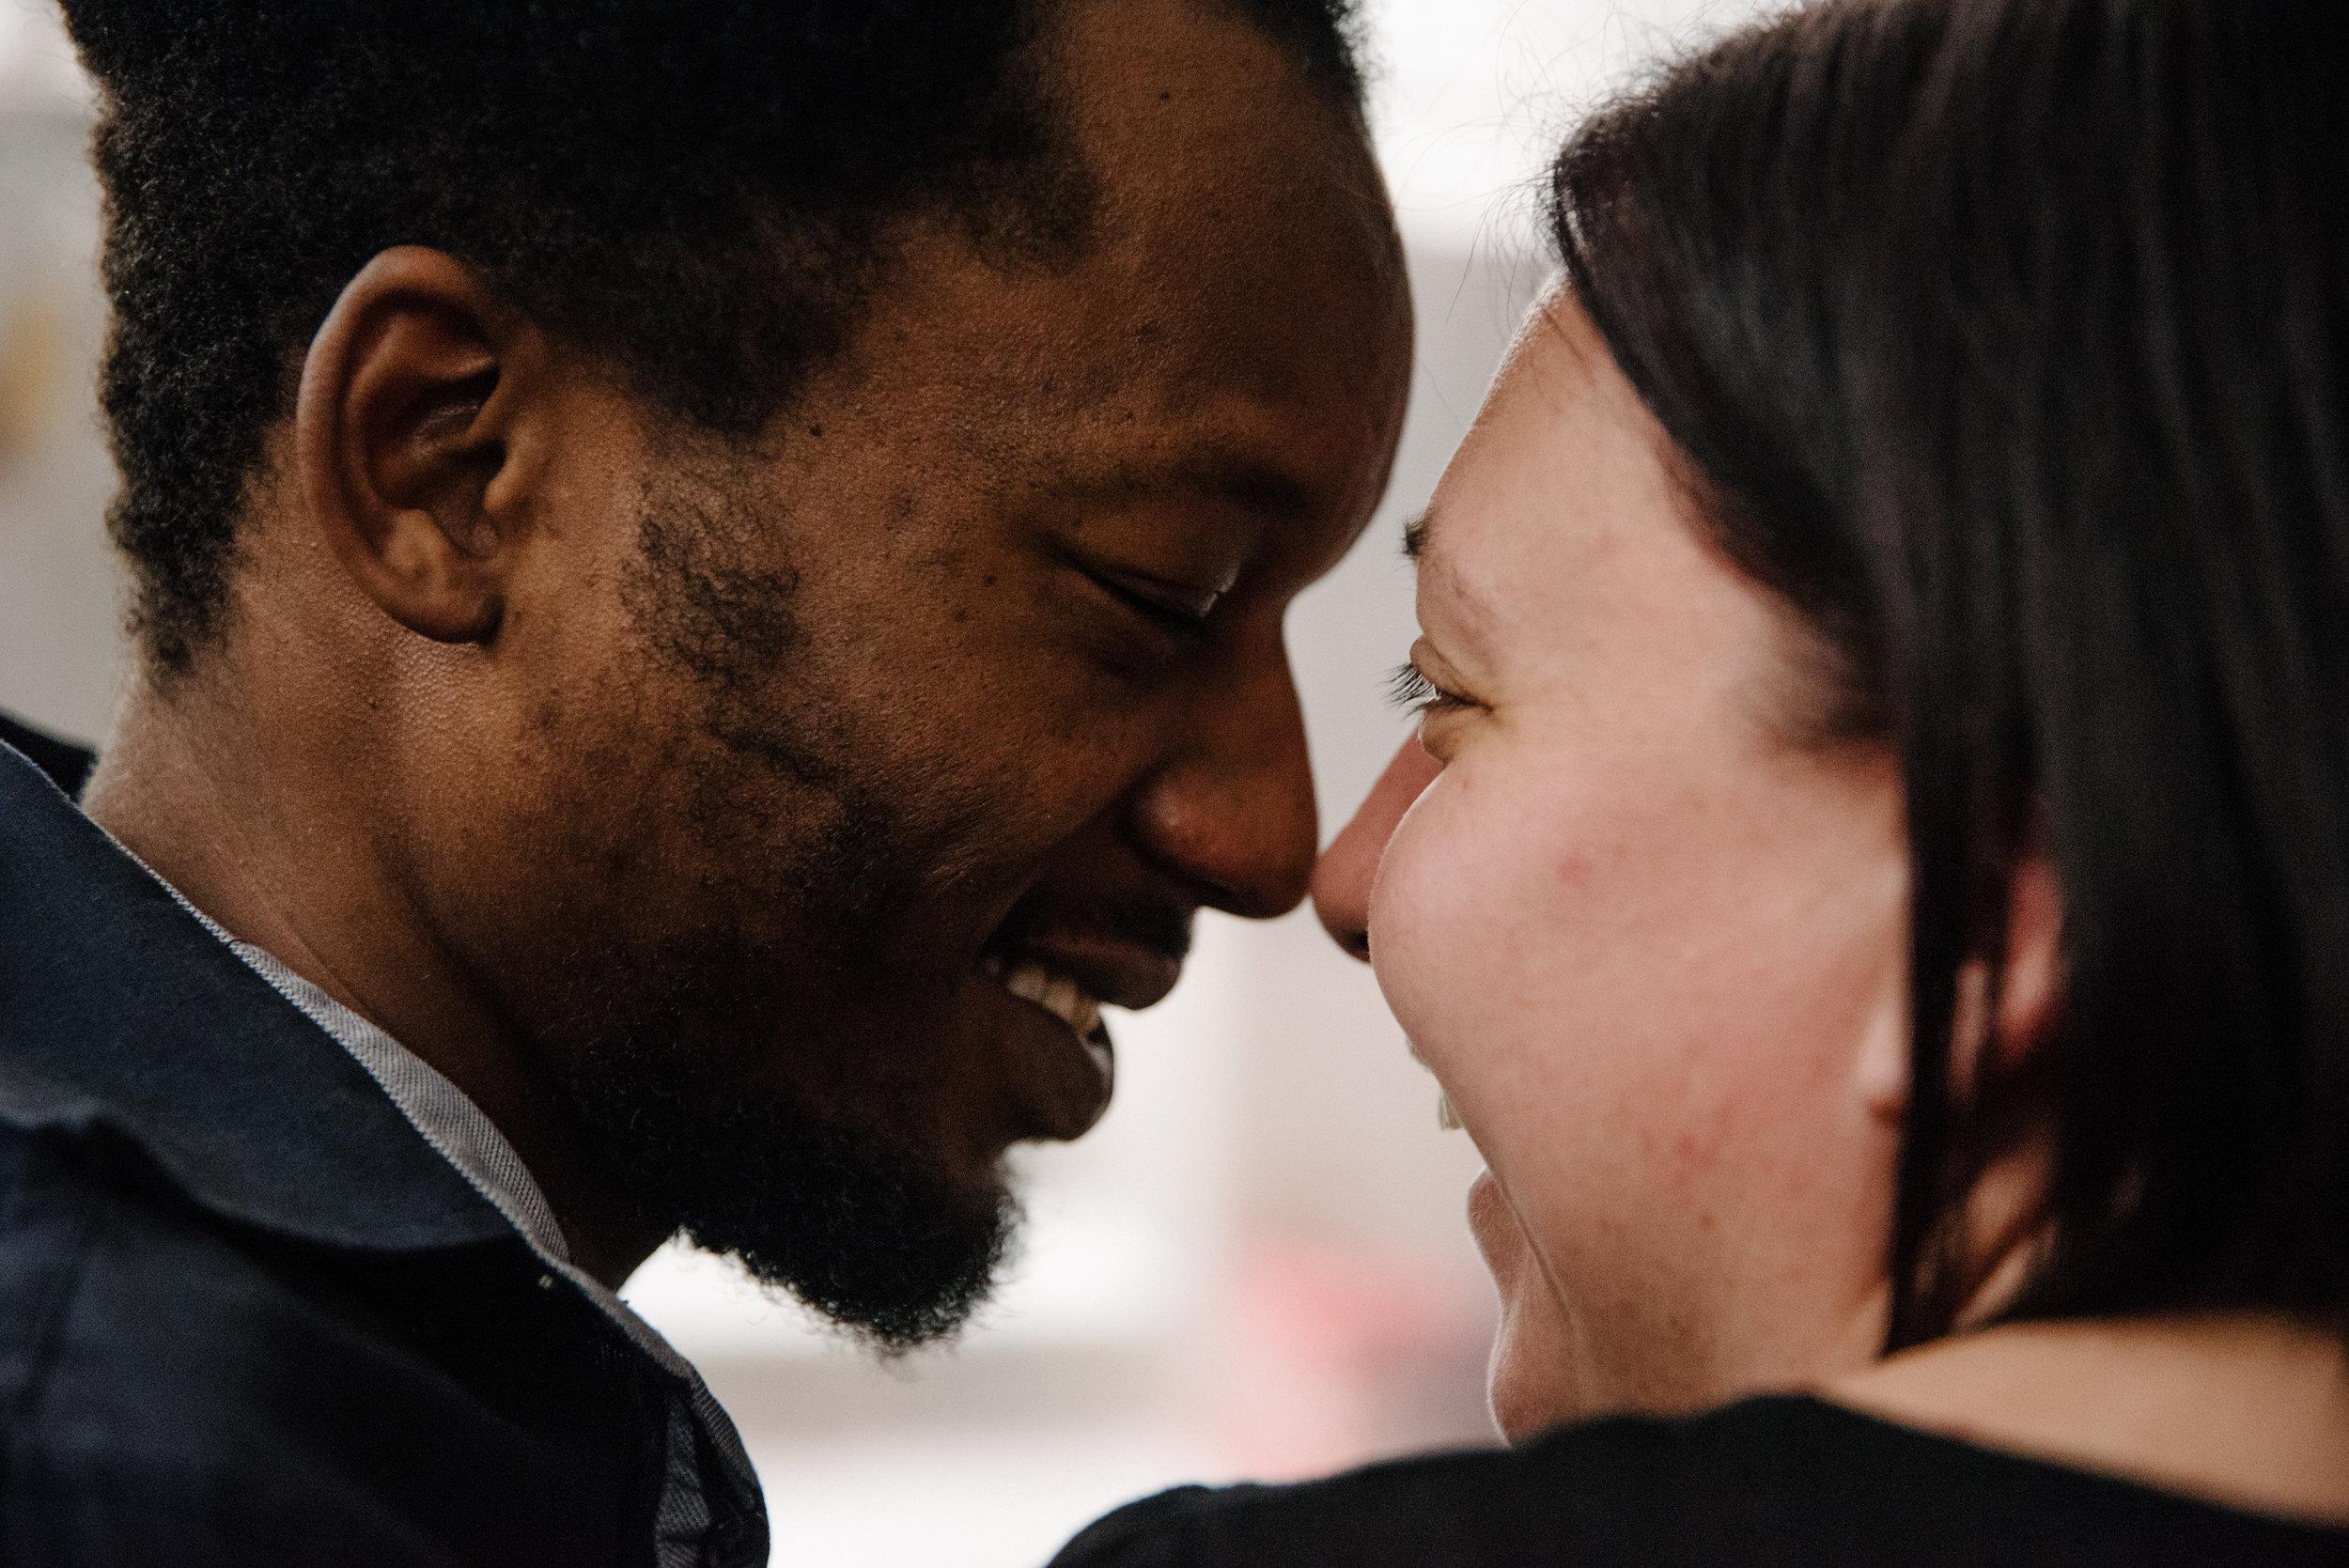 photo-d-un-couple-mixte-souriant-photographe-de-famille-a-montreal-marianne-charland-650.jpg